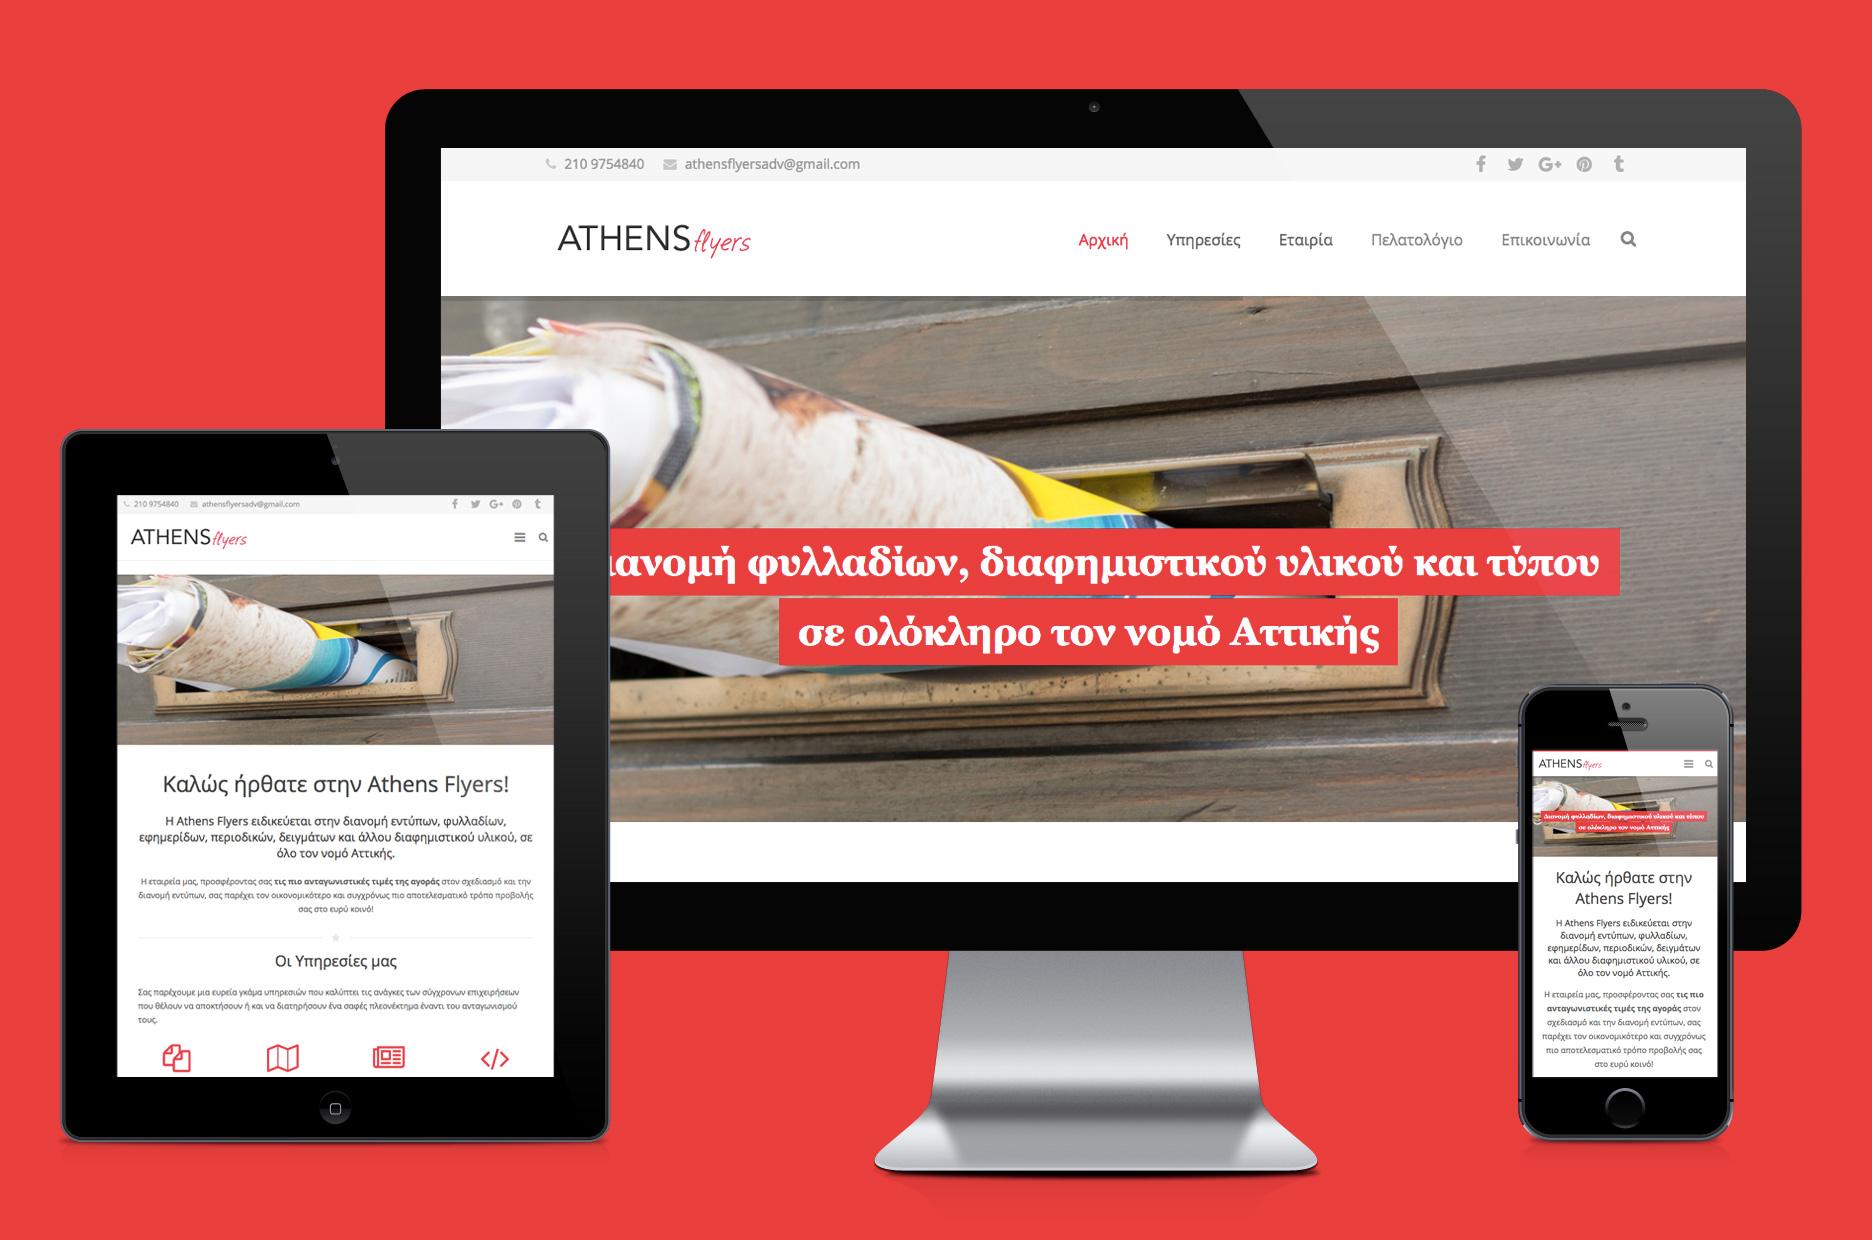 Athens Flyers website design